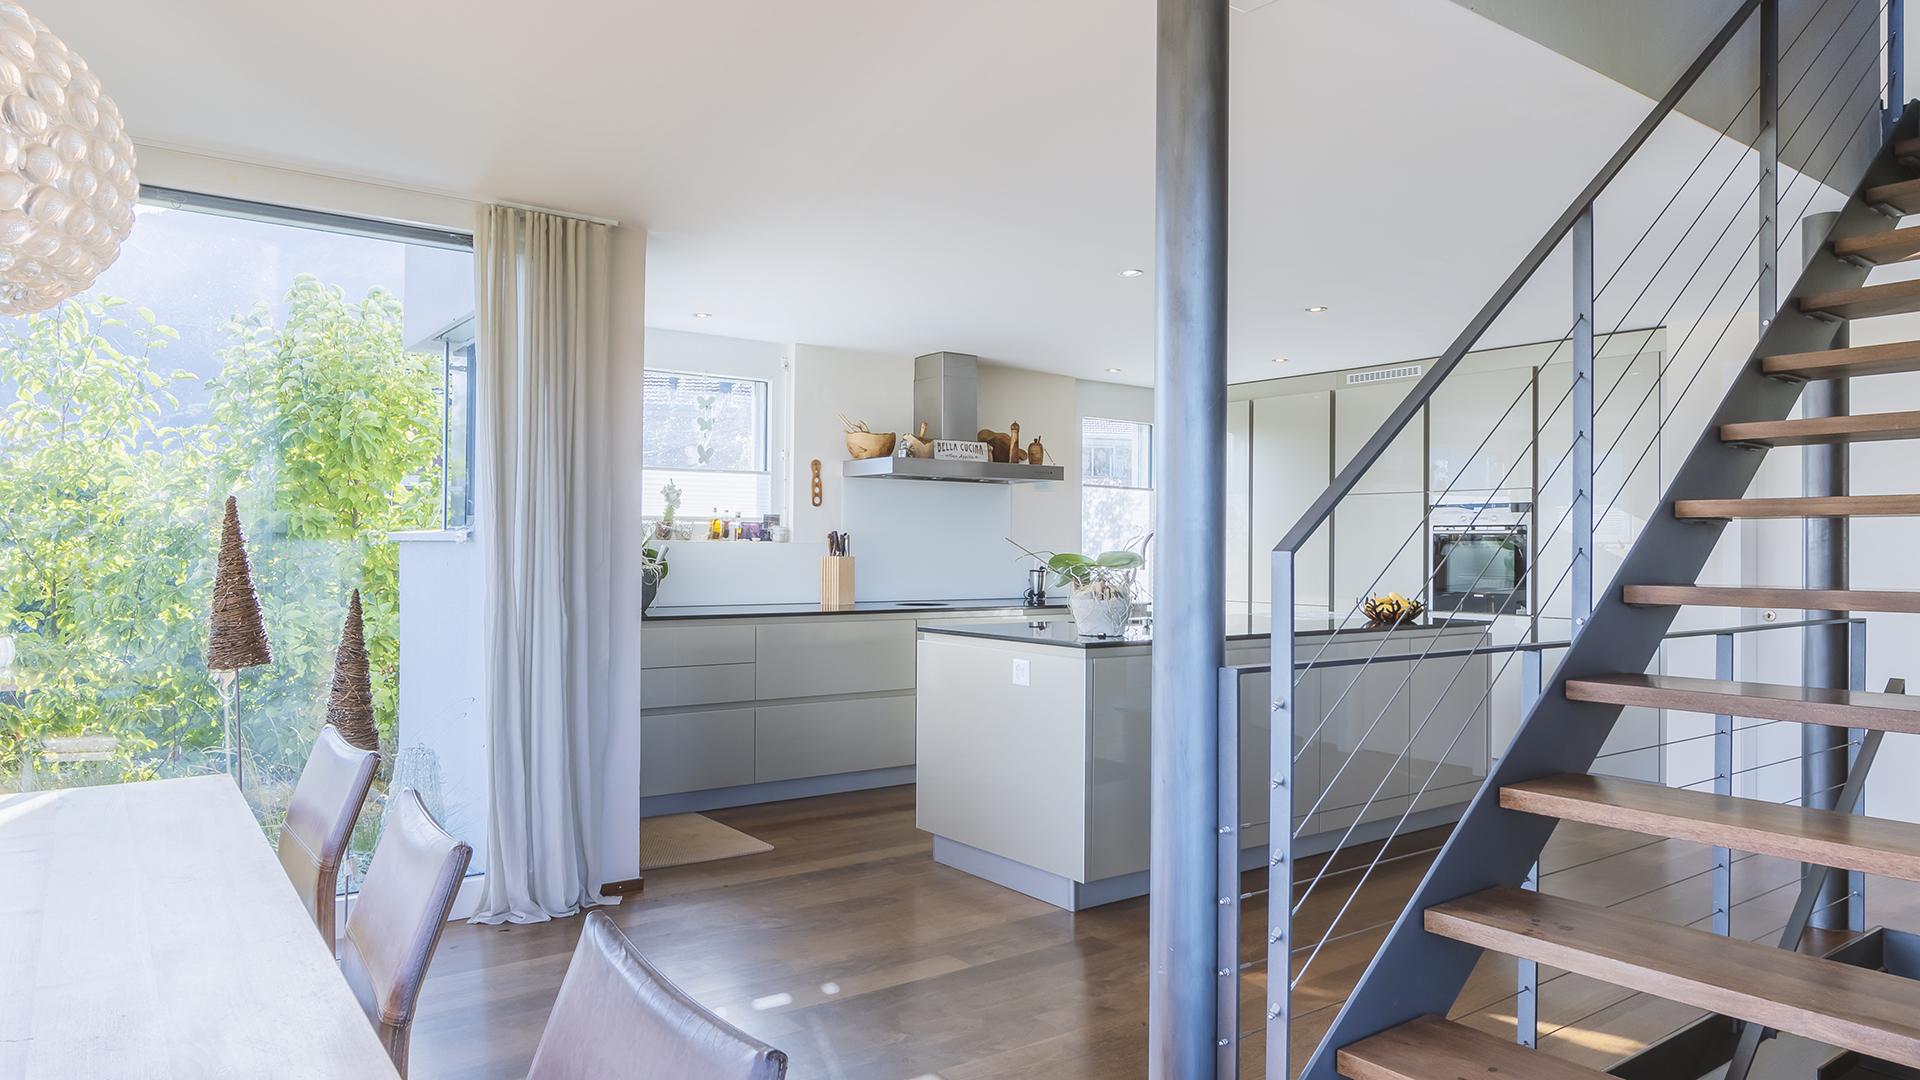 Herzlich Willkommen im offenen Wohn- und Essbereich. Kücheninsel, viel Stauraum...